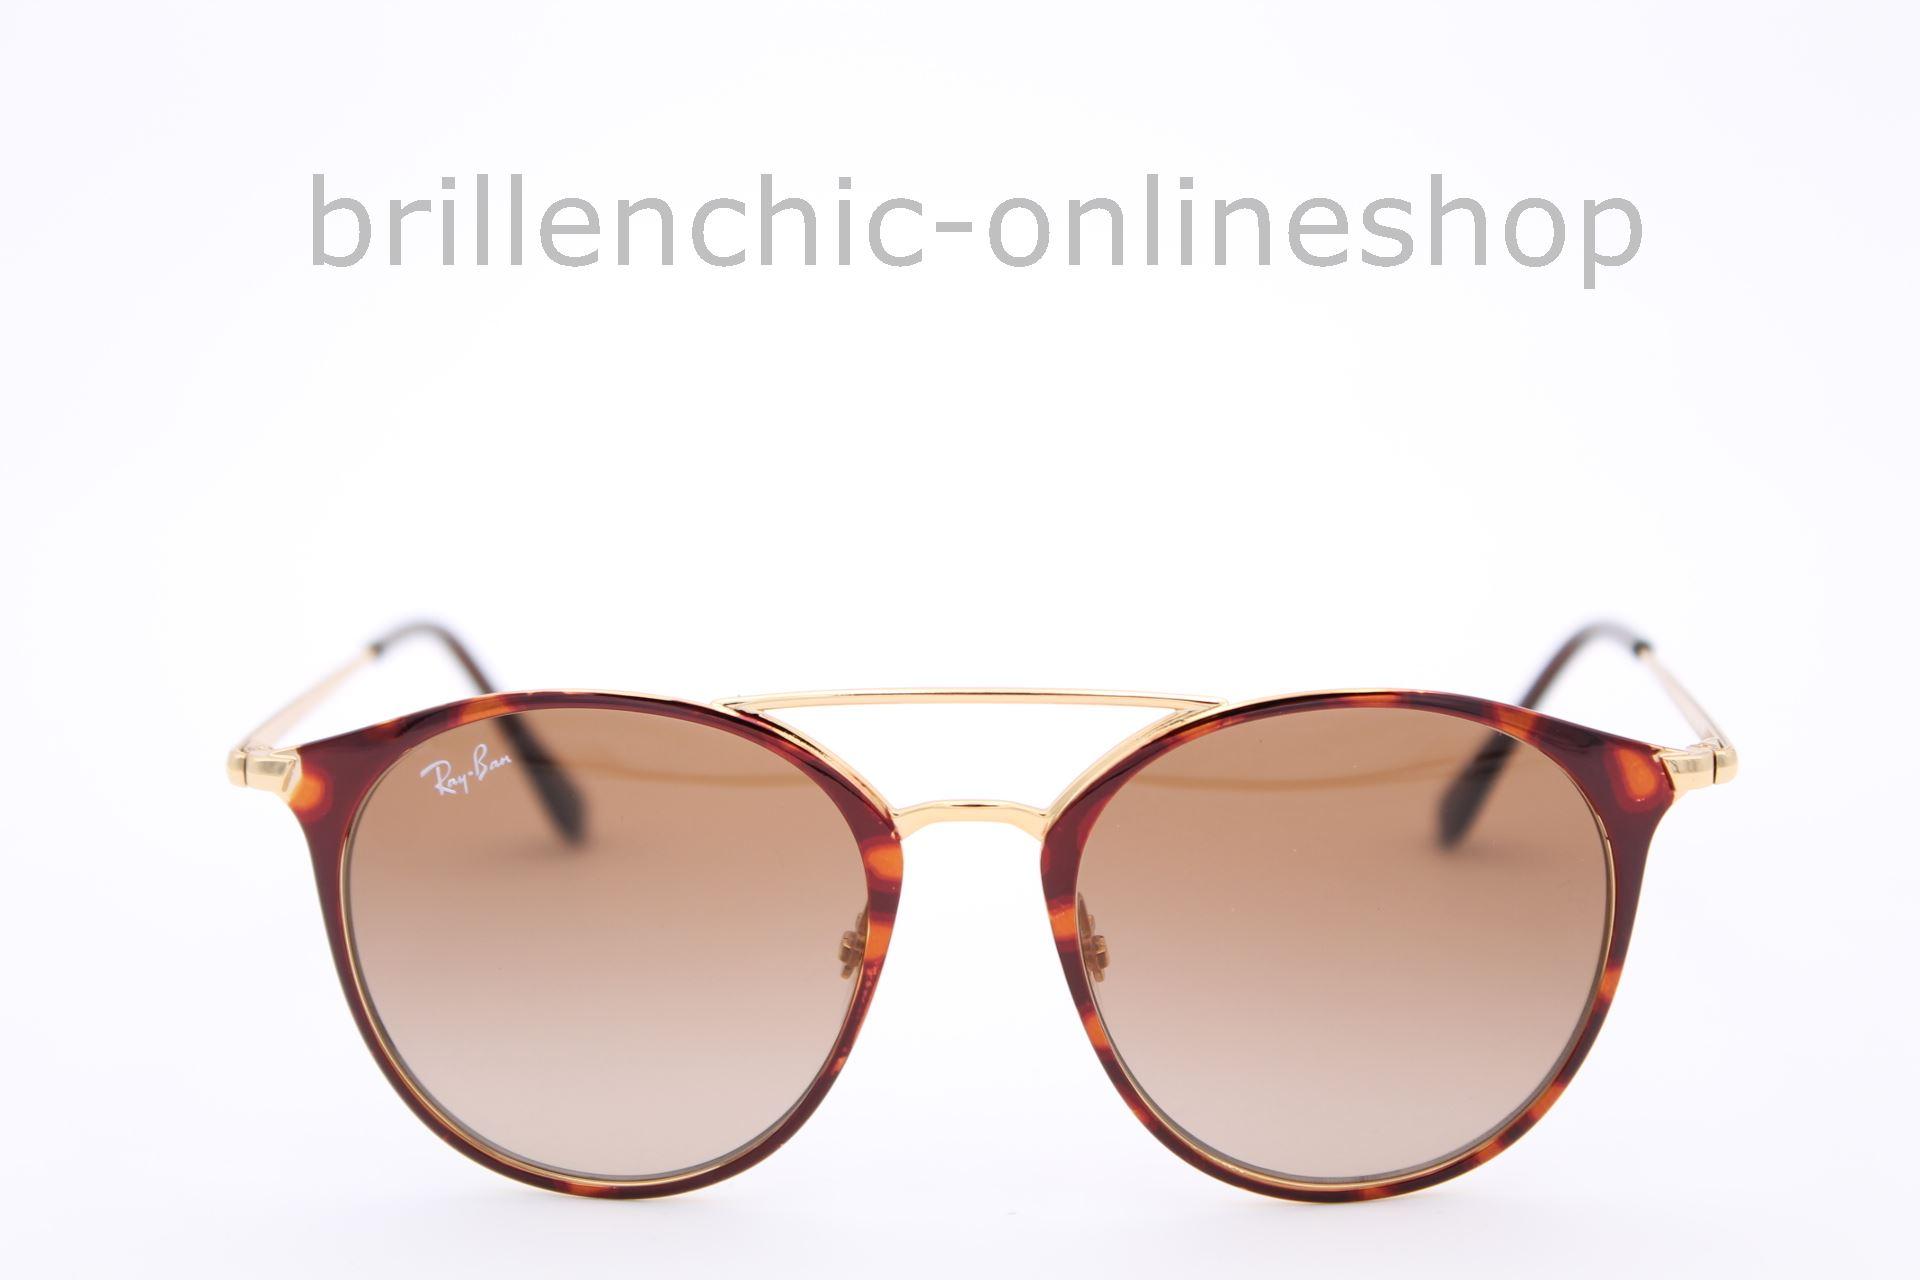 c757ddf37a0031 Brillenchic - onlineshop Berlin Ihr starker Partner für exklusive Brillen  online kaufen Ray Ban JUNIOR RJ 9545S 9545 270 13 exklusiv im Brillenchic-  ...